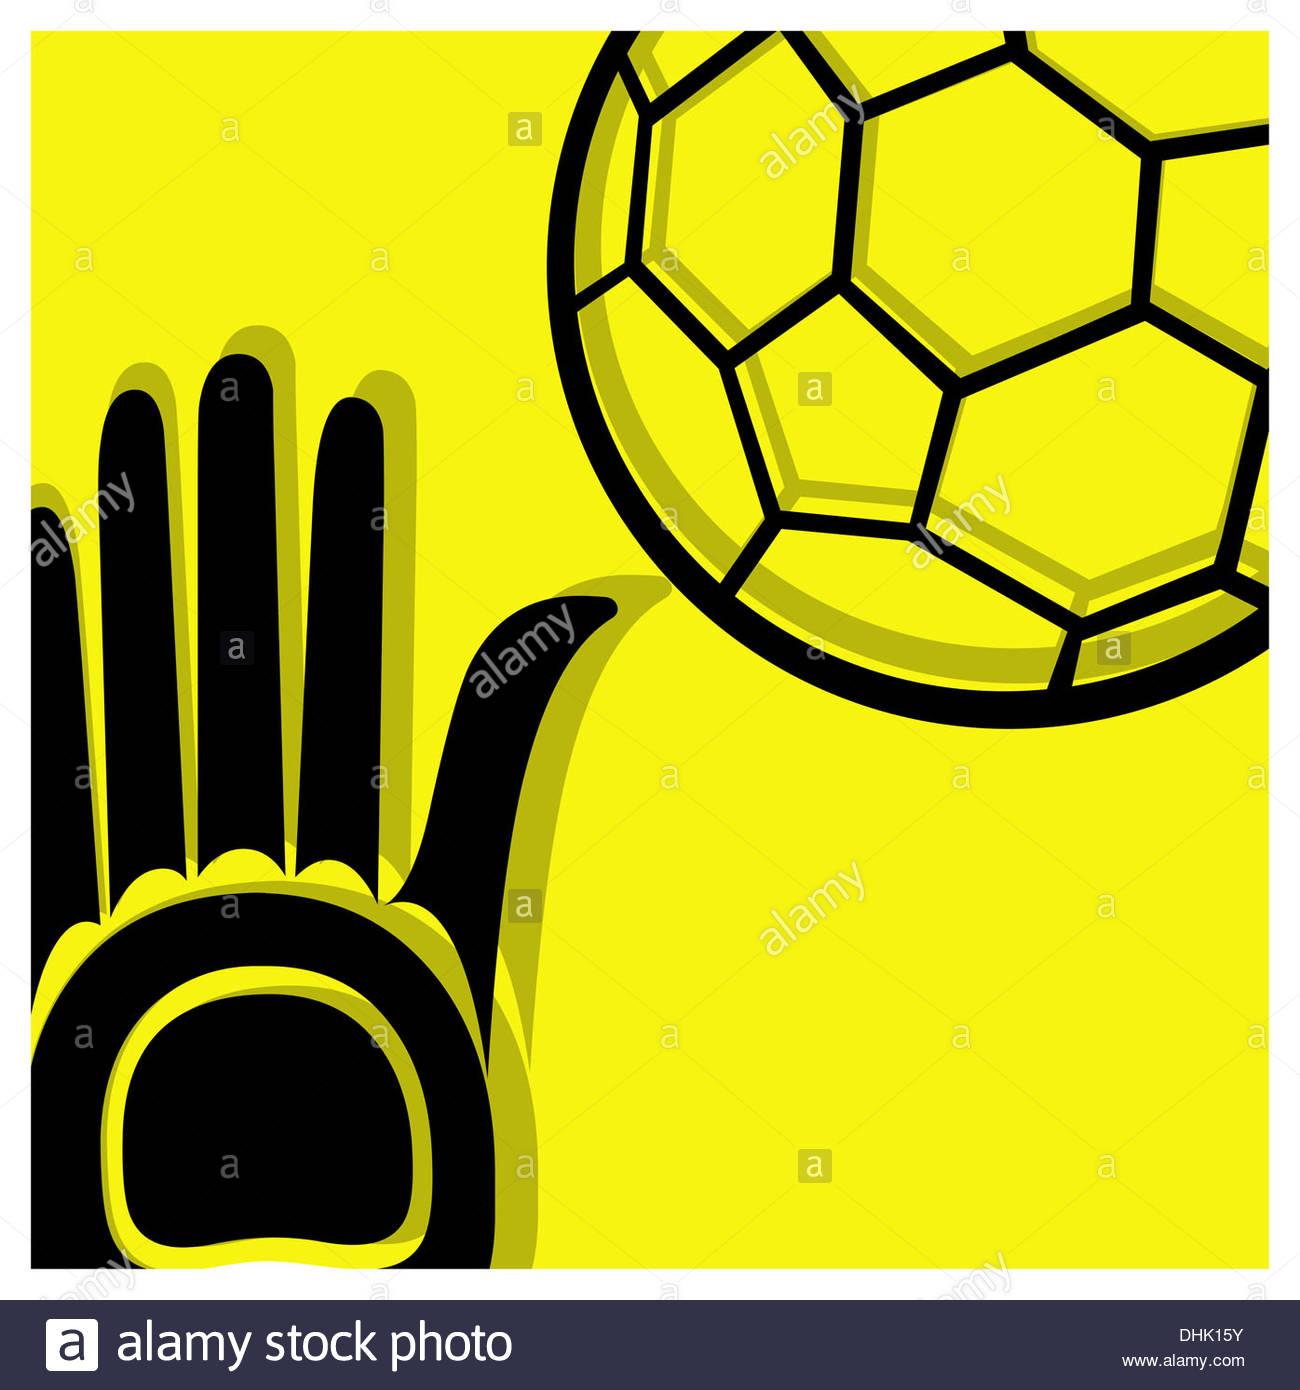 Handball-Piktogramm Stockbild